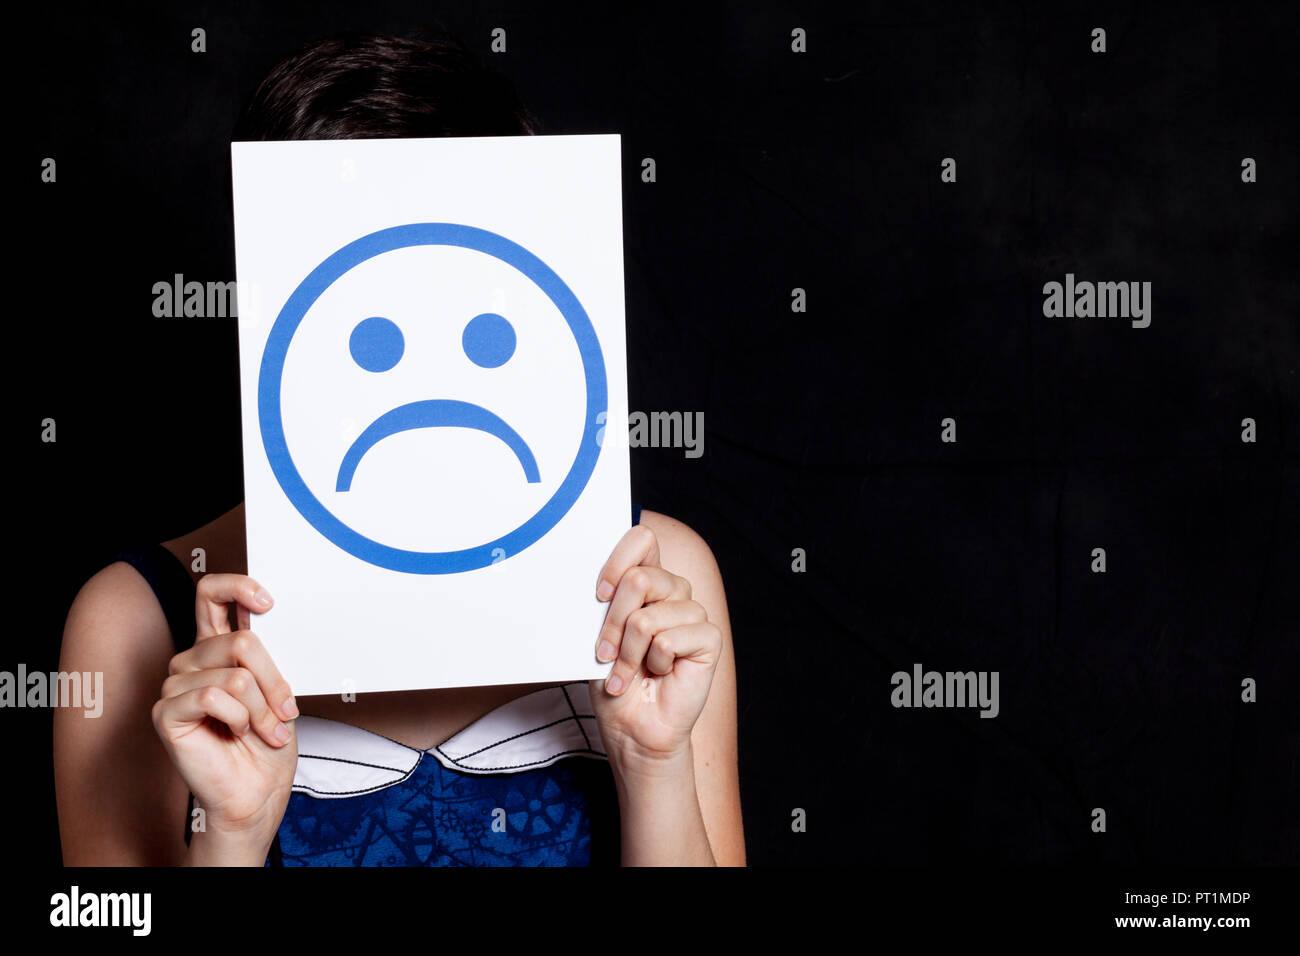 woman holding emoticon - sadness - black background - Stock Image